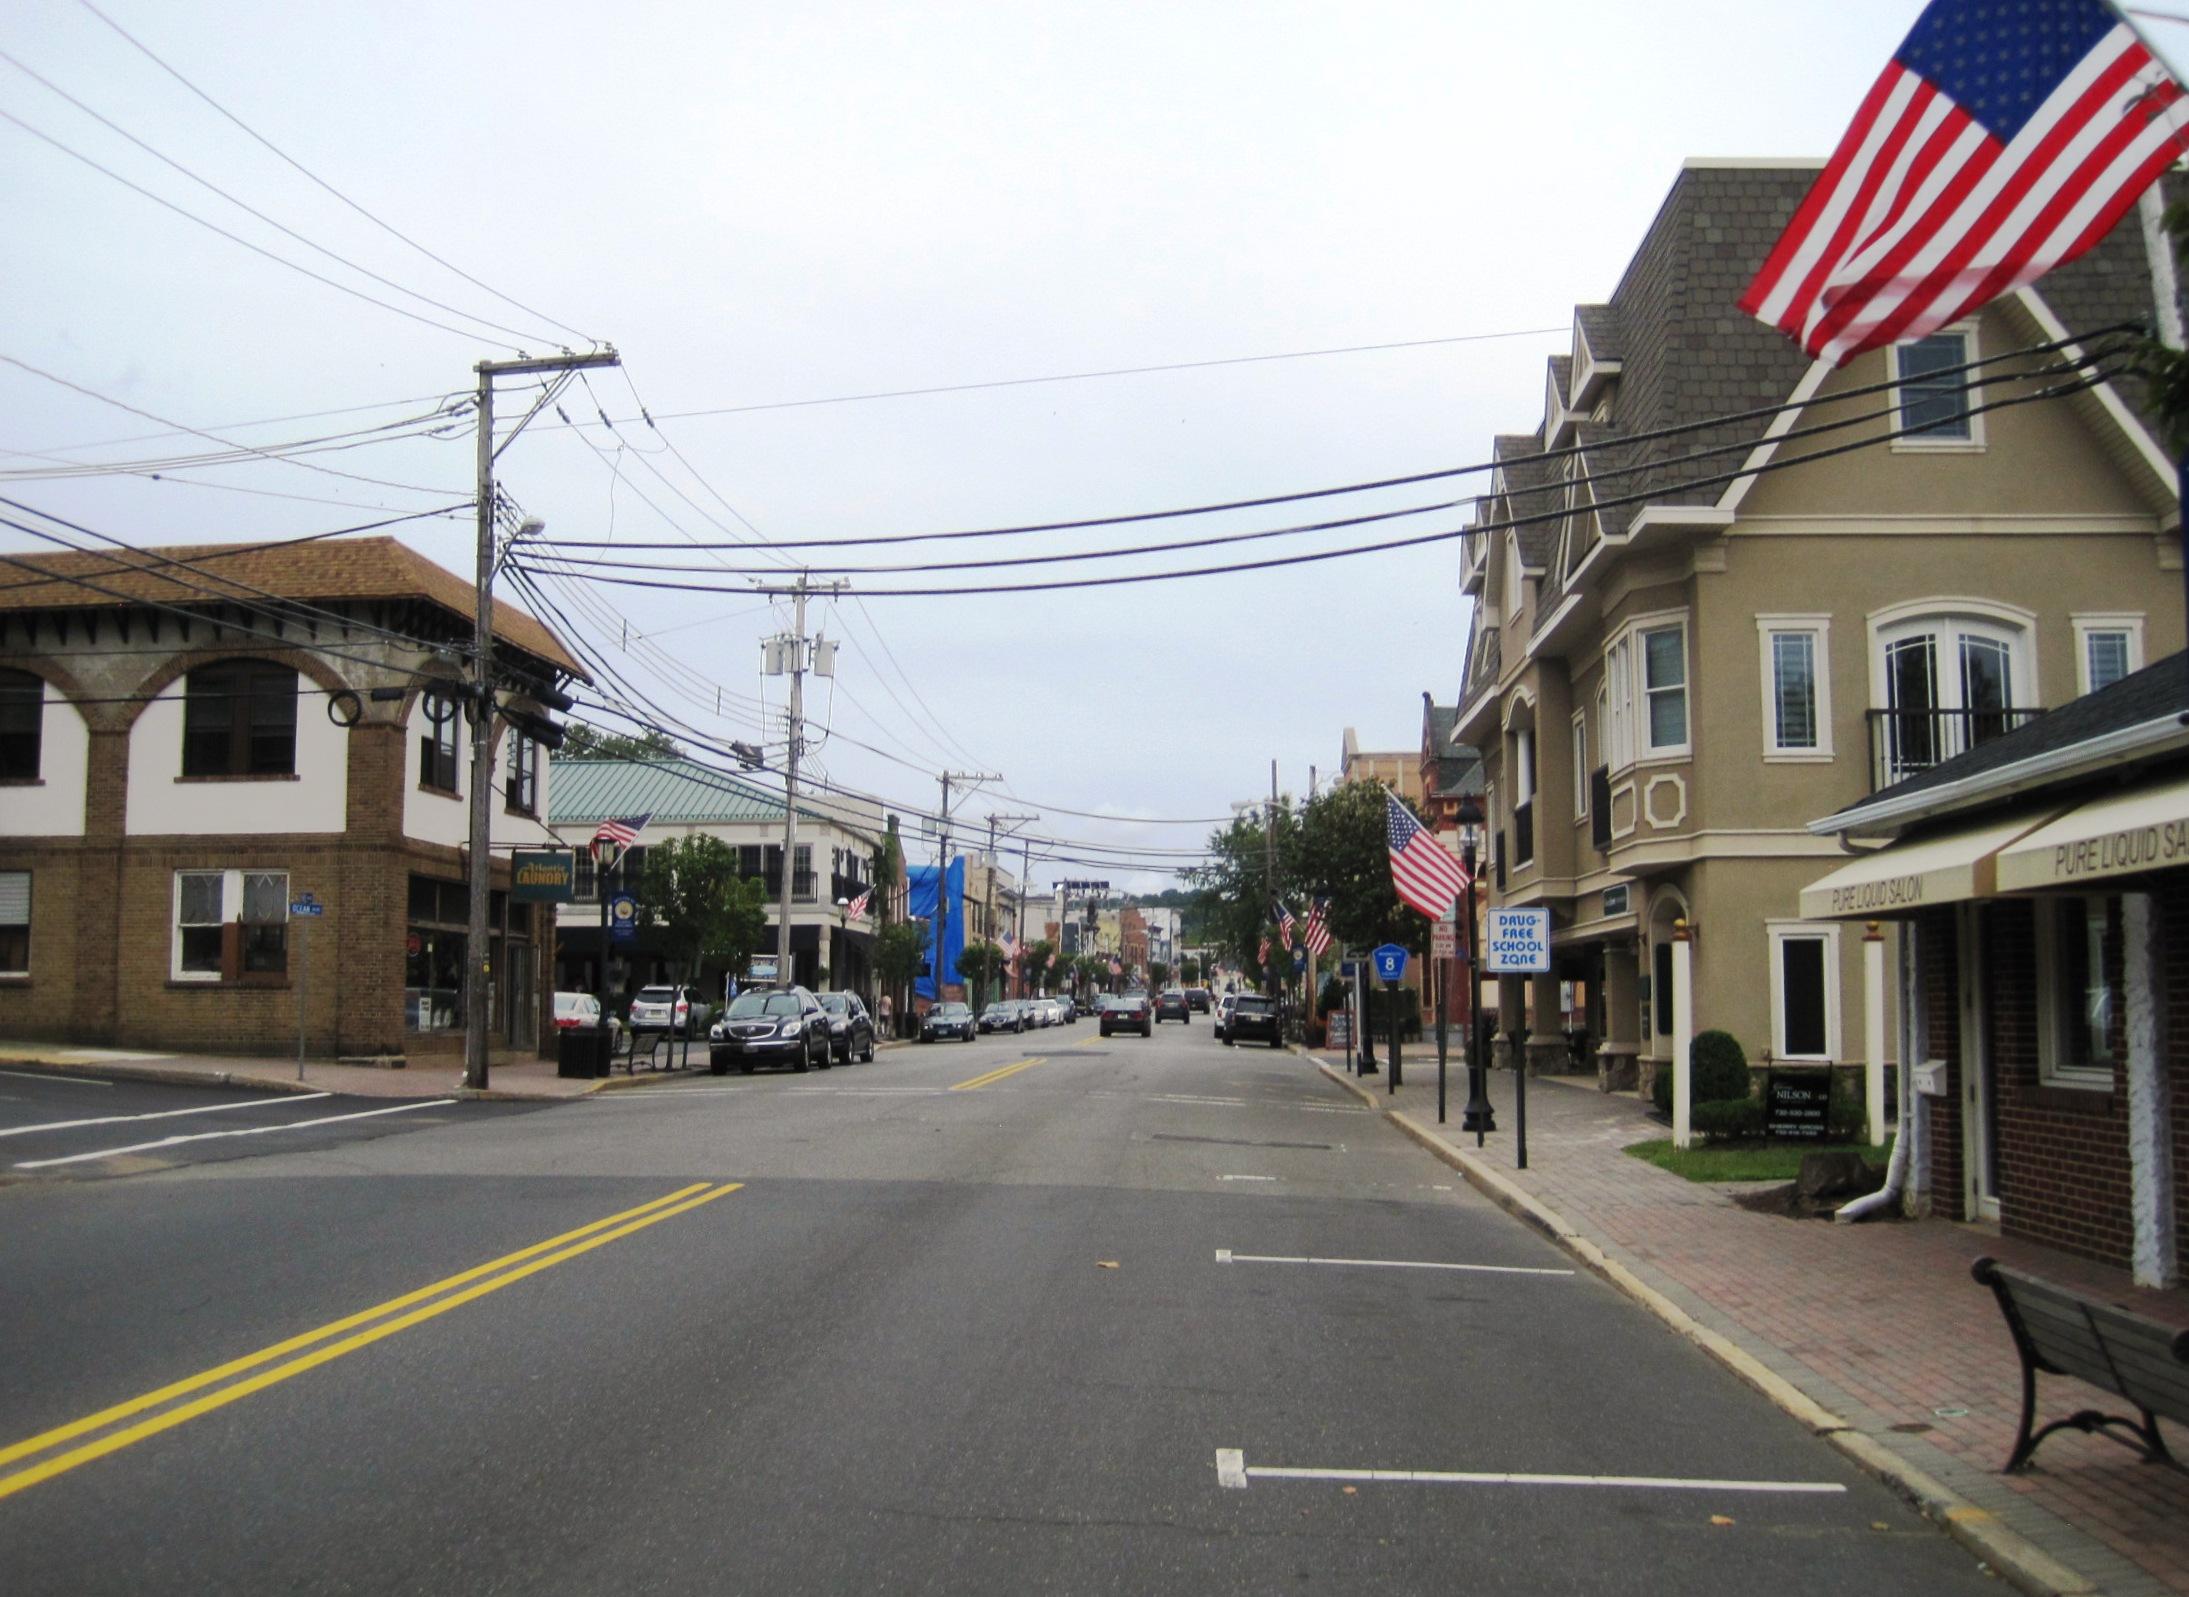 Atlantic City Jersey Shore Boardwalk